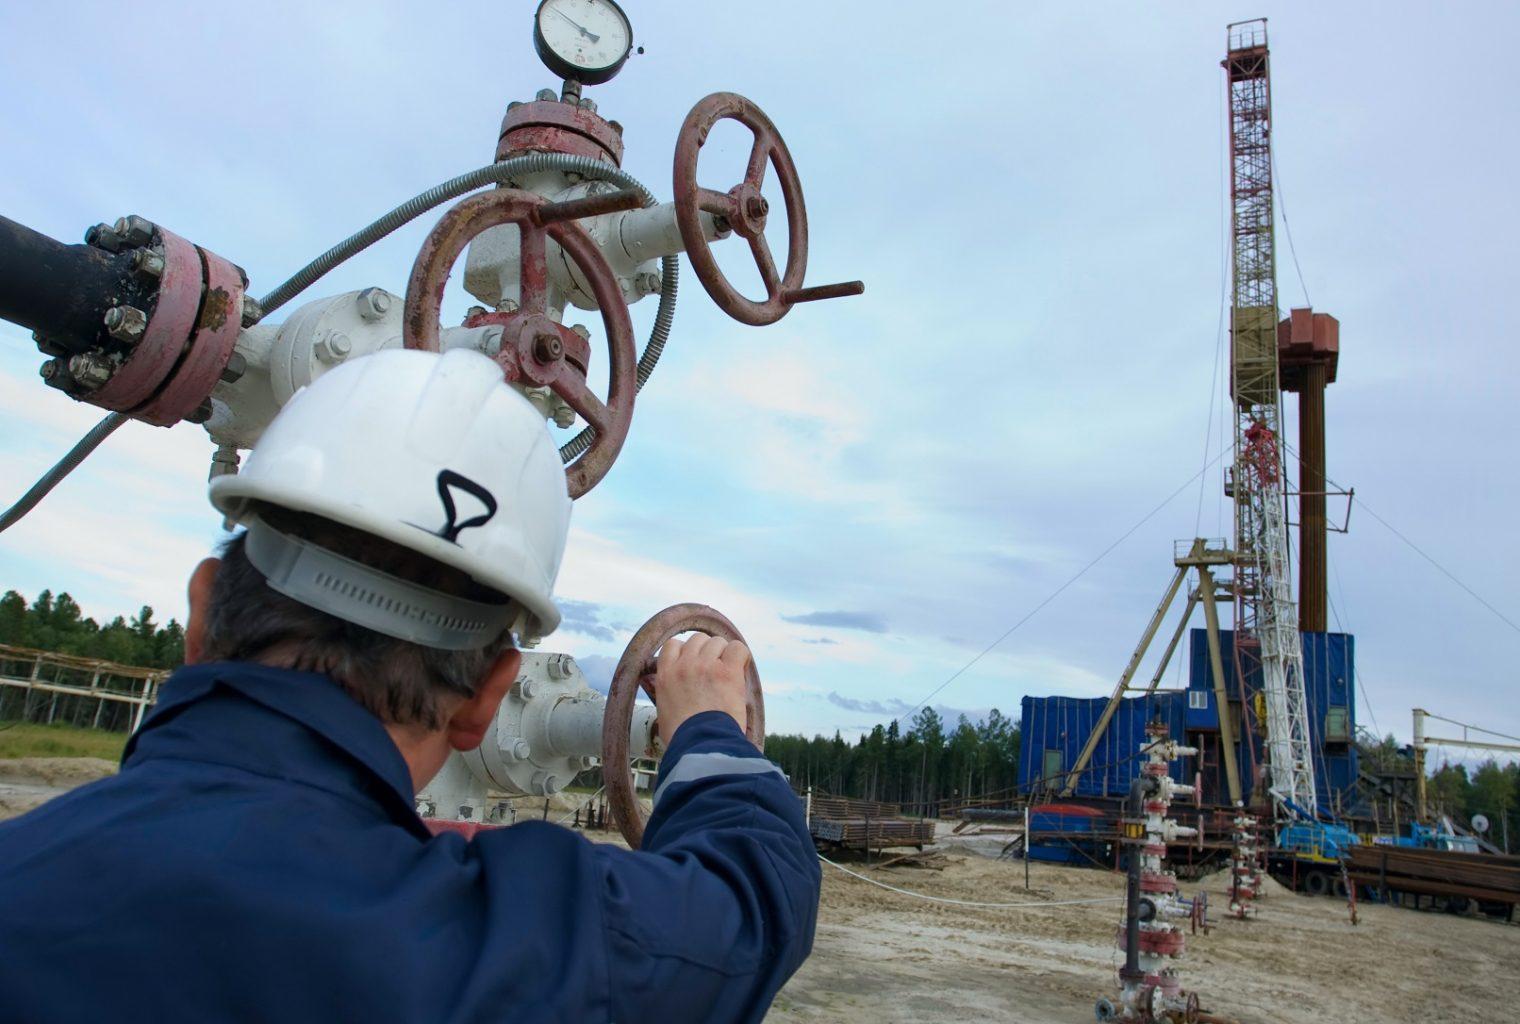 Comisiones de compañías canadienses 3 unidades mineras de Bitcoin para reiniciar el pozo de petróleo